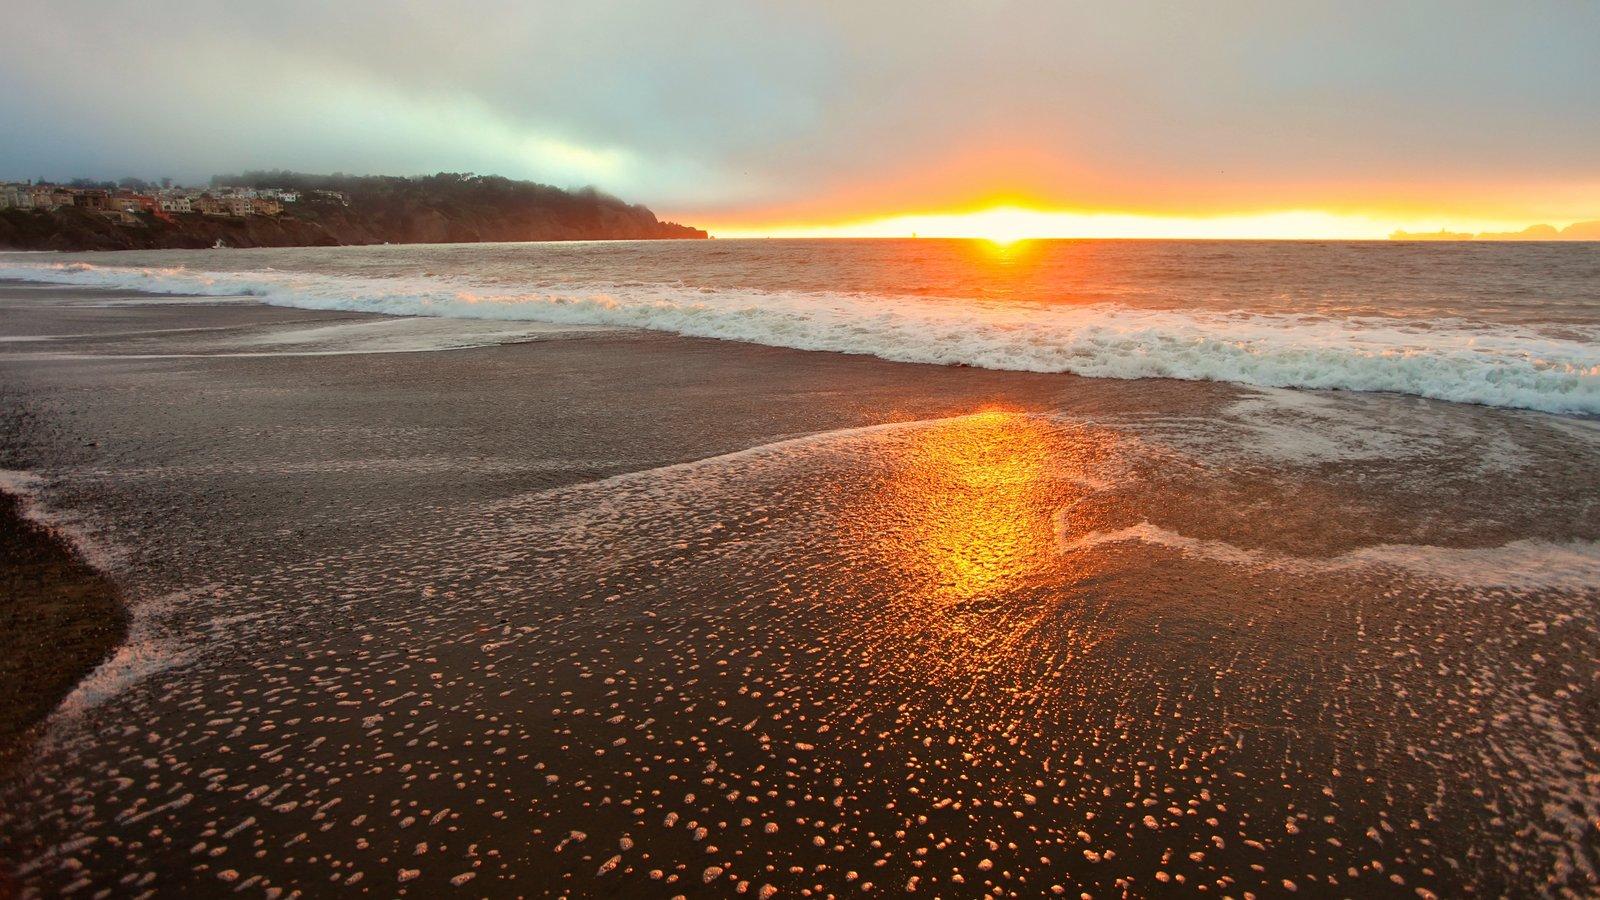 Presídio de São Francisco mostrando um pôr do sol, uma praia de areia e paisagem